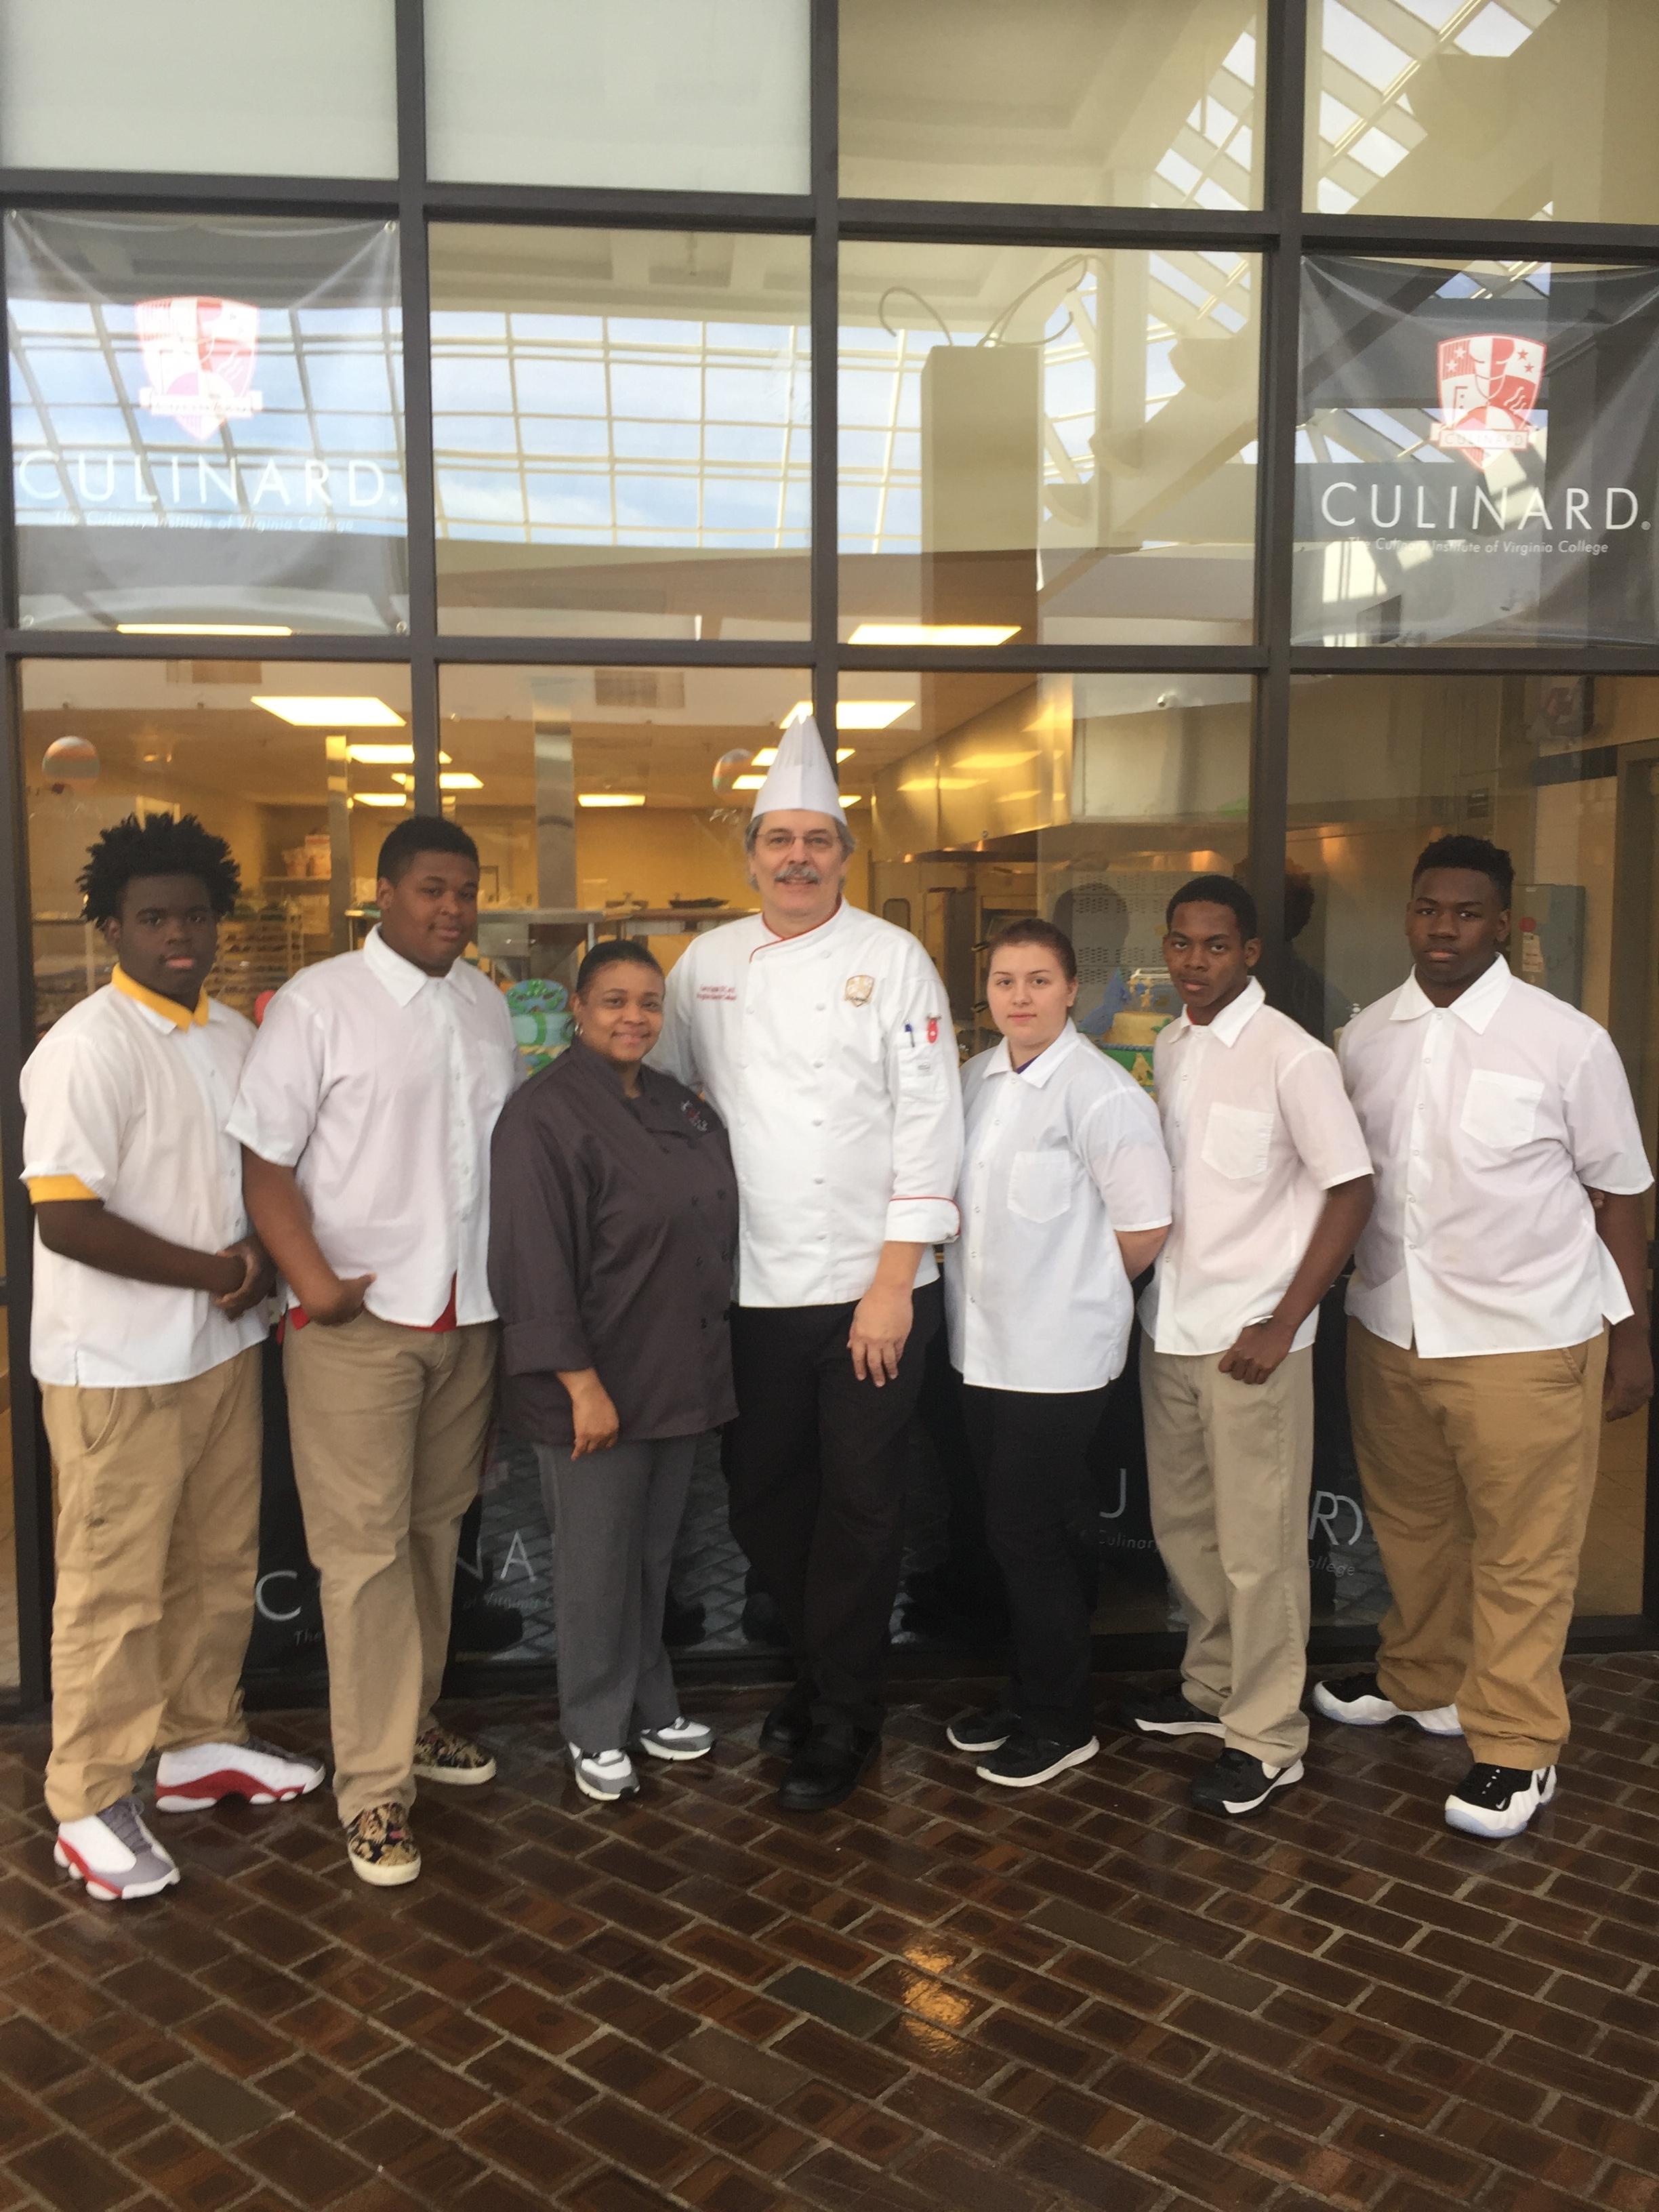 Virginia College in Baton Rouge image 3